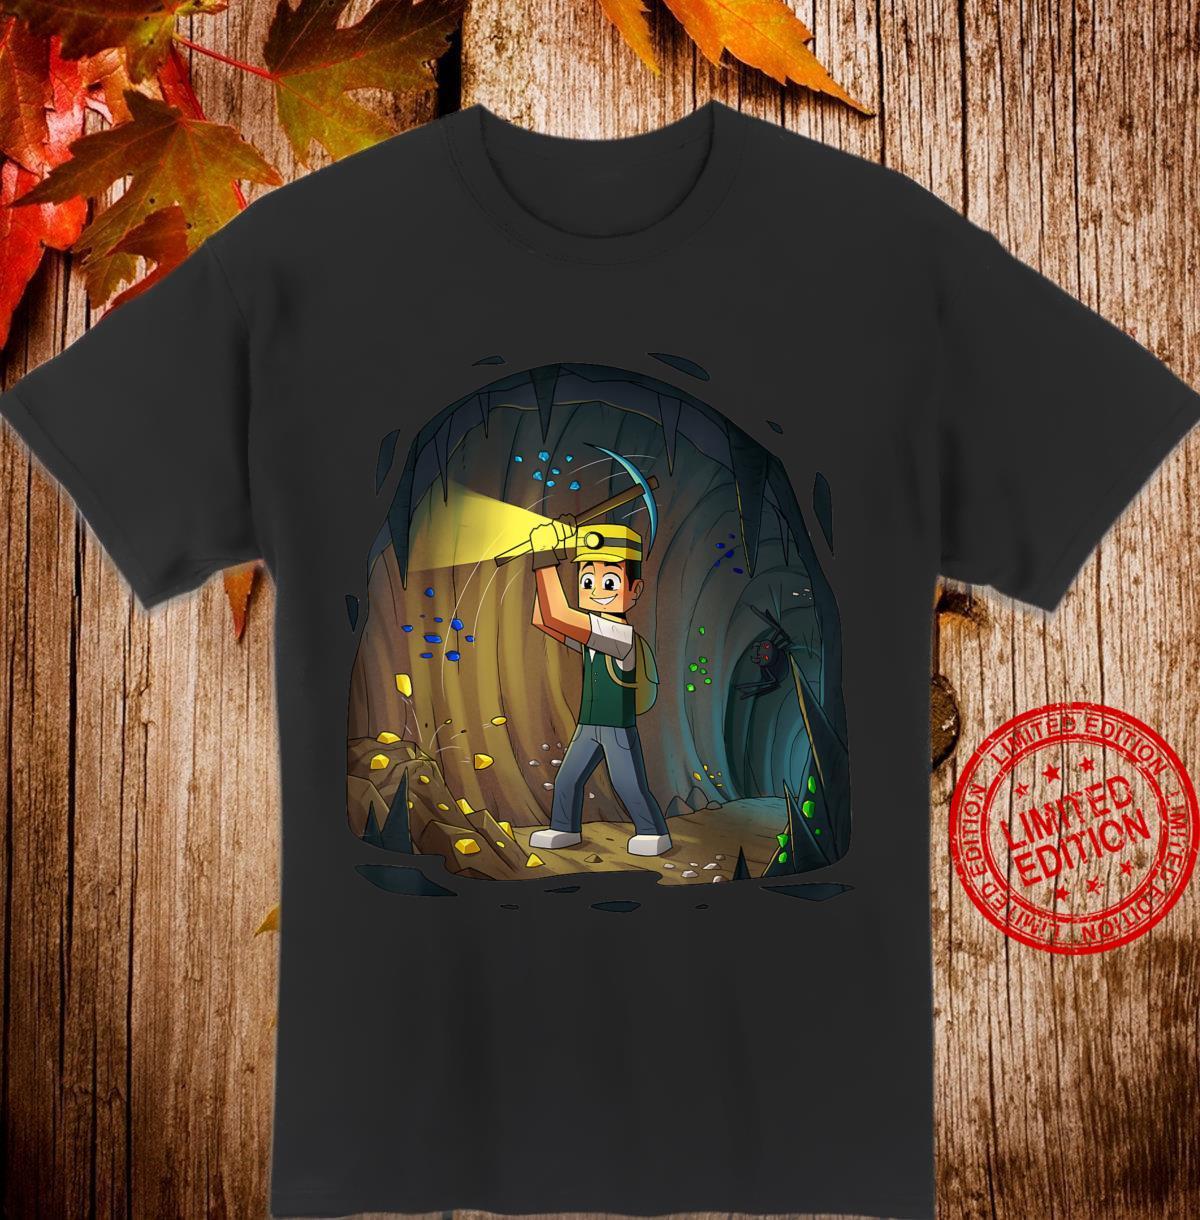 Minenarbeiter Erze & Höhlen Block & Cube Miner Geschenk Shirt